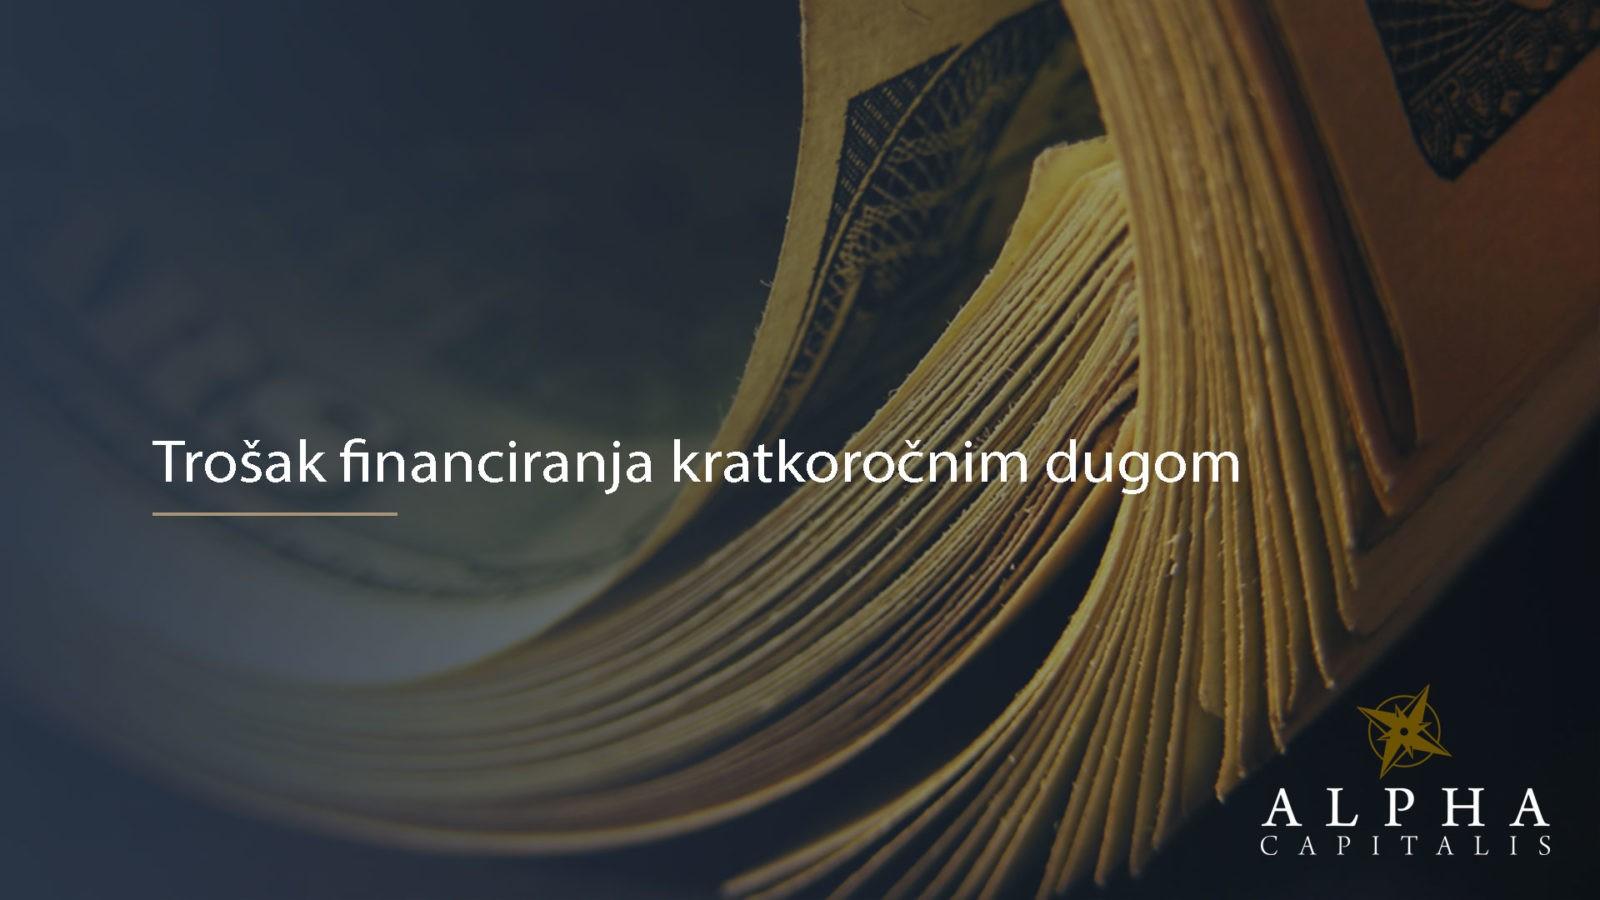 Trosak financiranja kratkorocnim dugom 2019 07 18 - Trošak financiranja kratkoročnim dugom